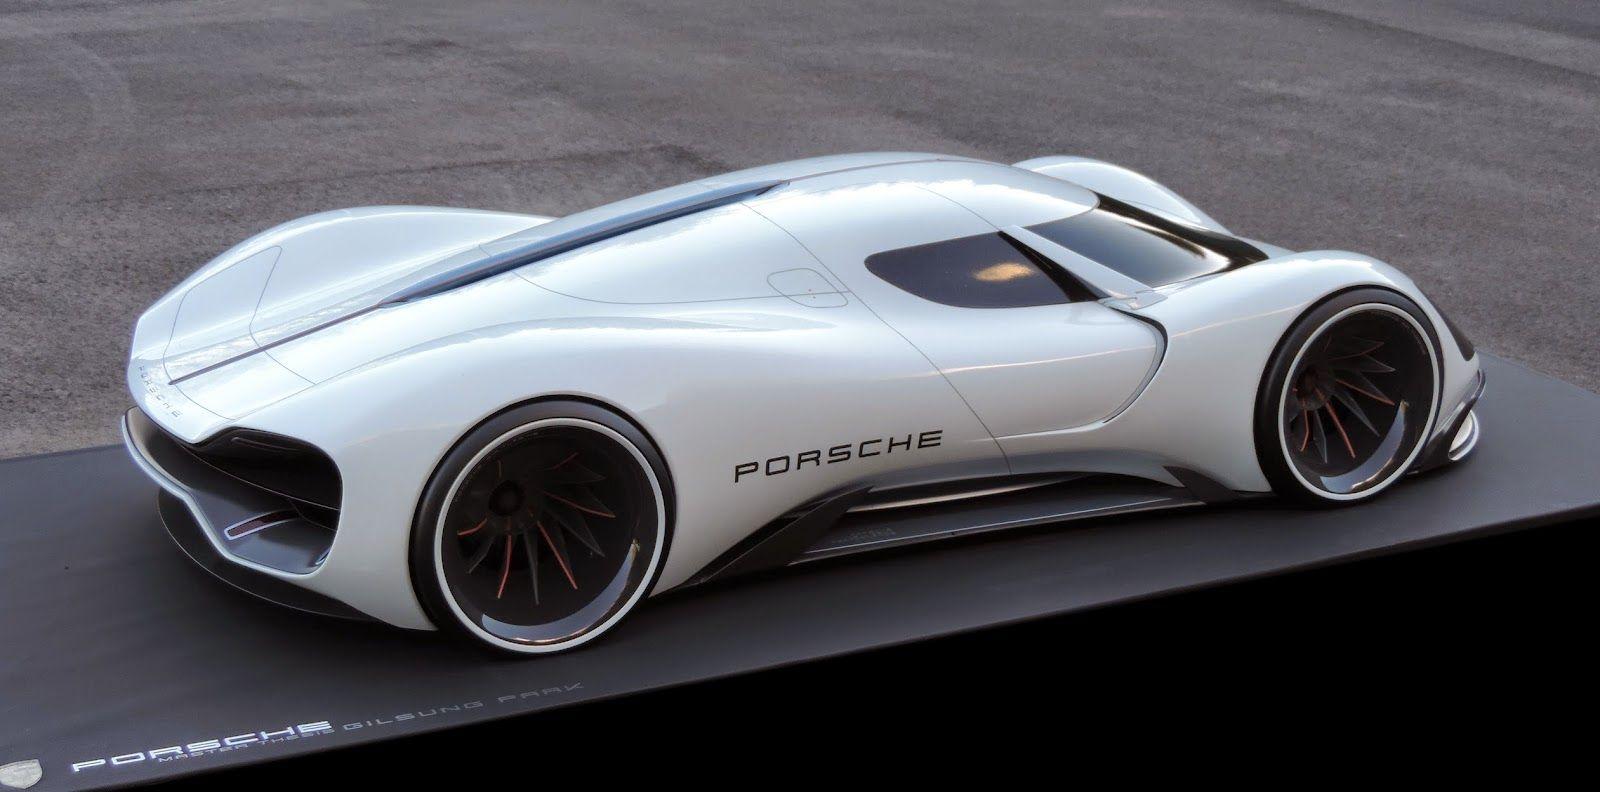 Monster Porsche Hurricane Concept Design: Porsche Electric Le Mans 2035